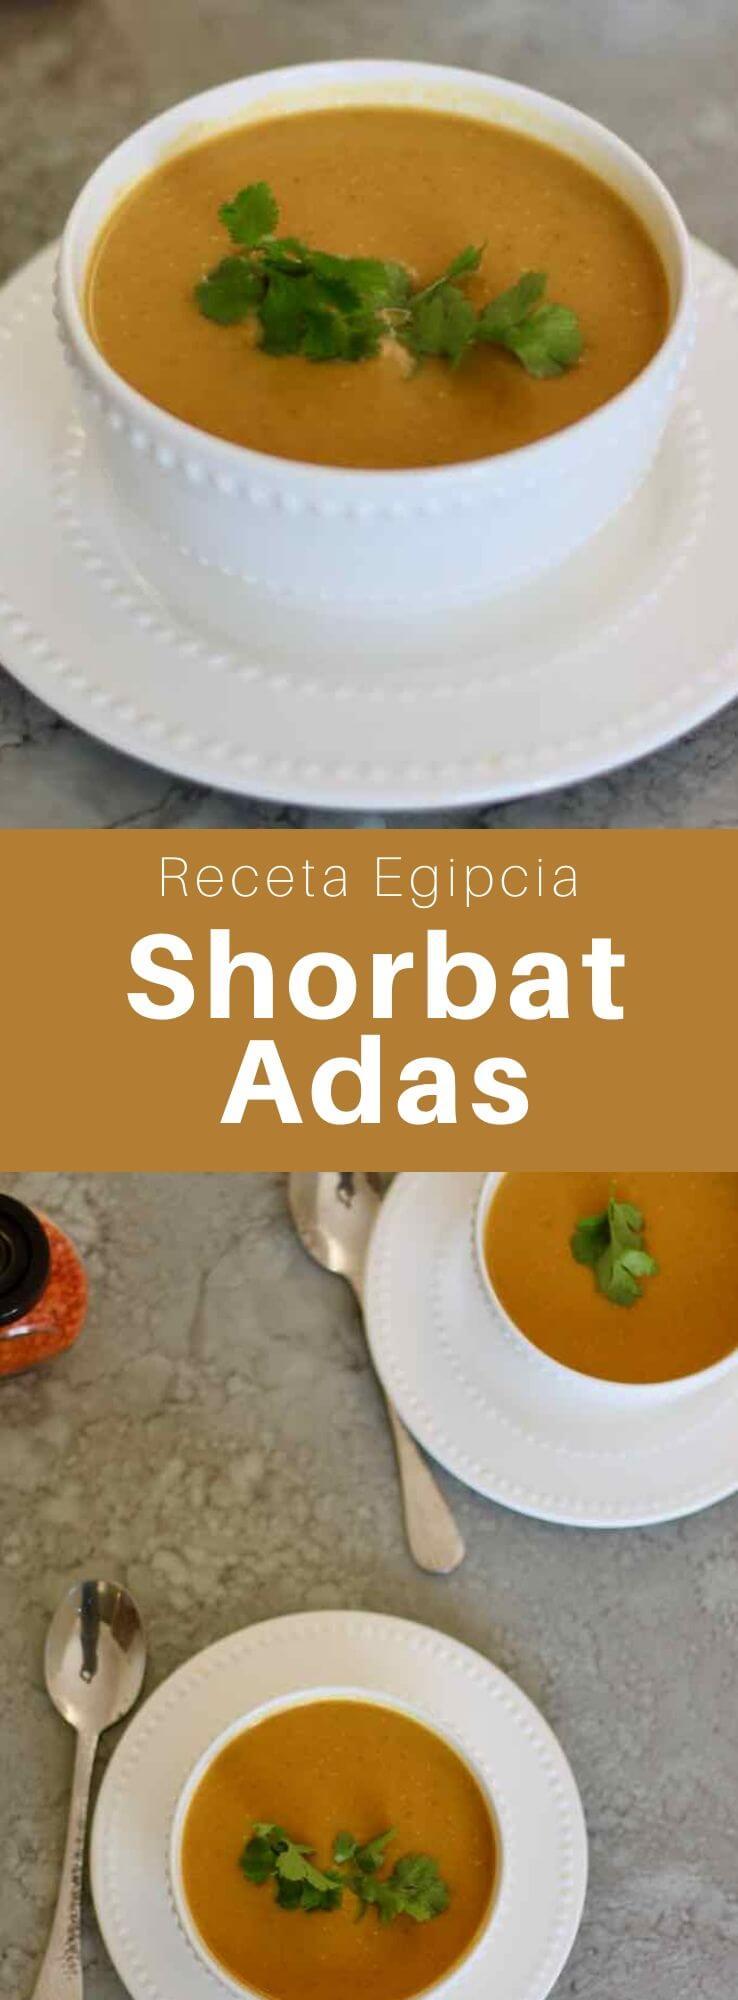 El shorbat adas es una sopa vegana de lentejas de Egipto que se prepara con comino. Es la comida básica del mes de Ramadán.